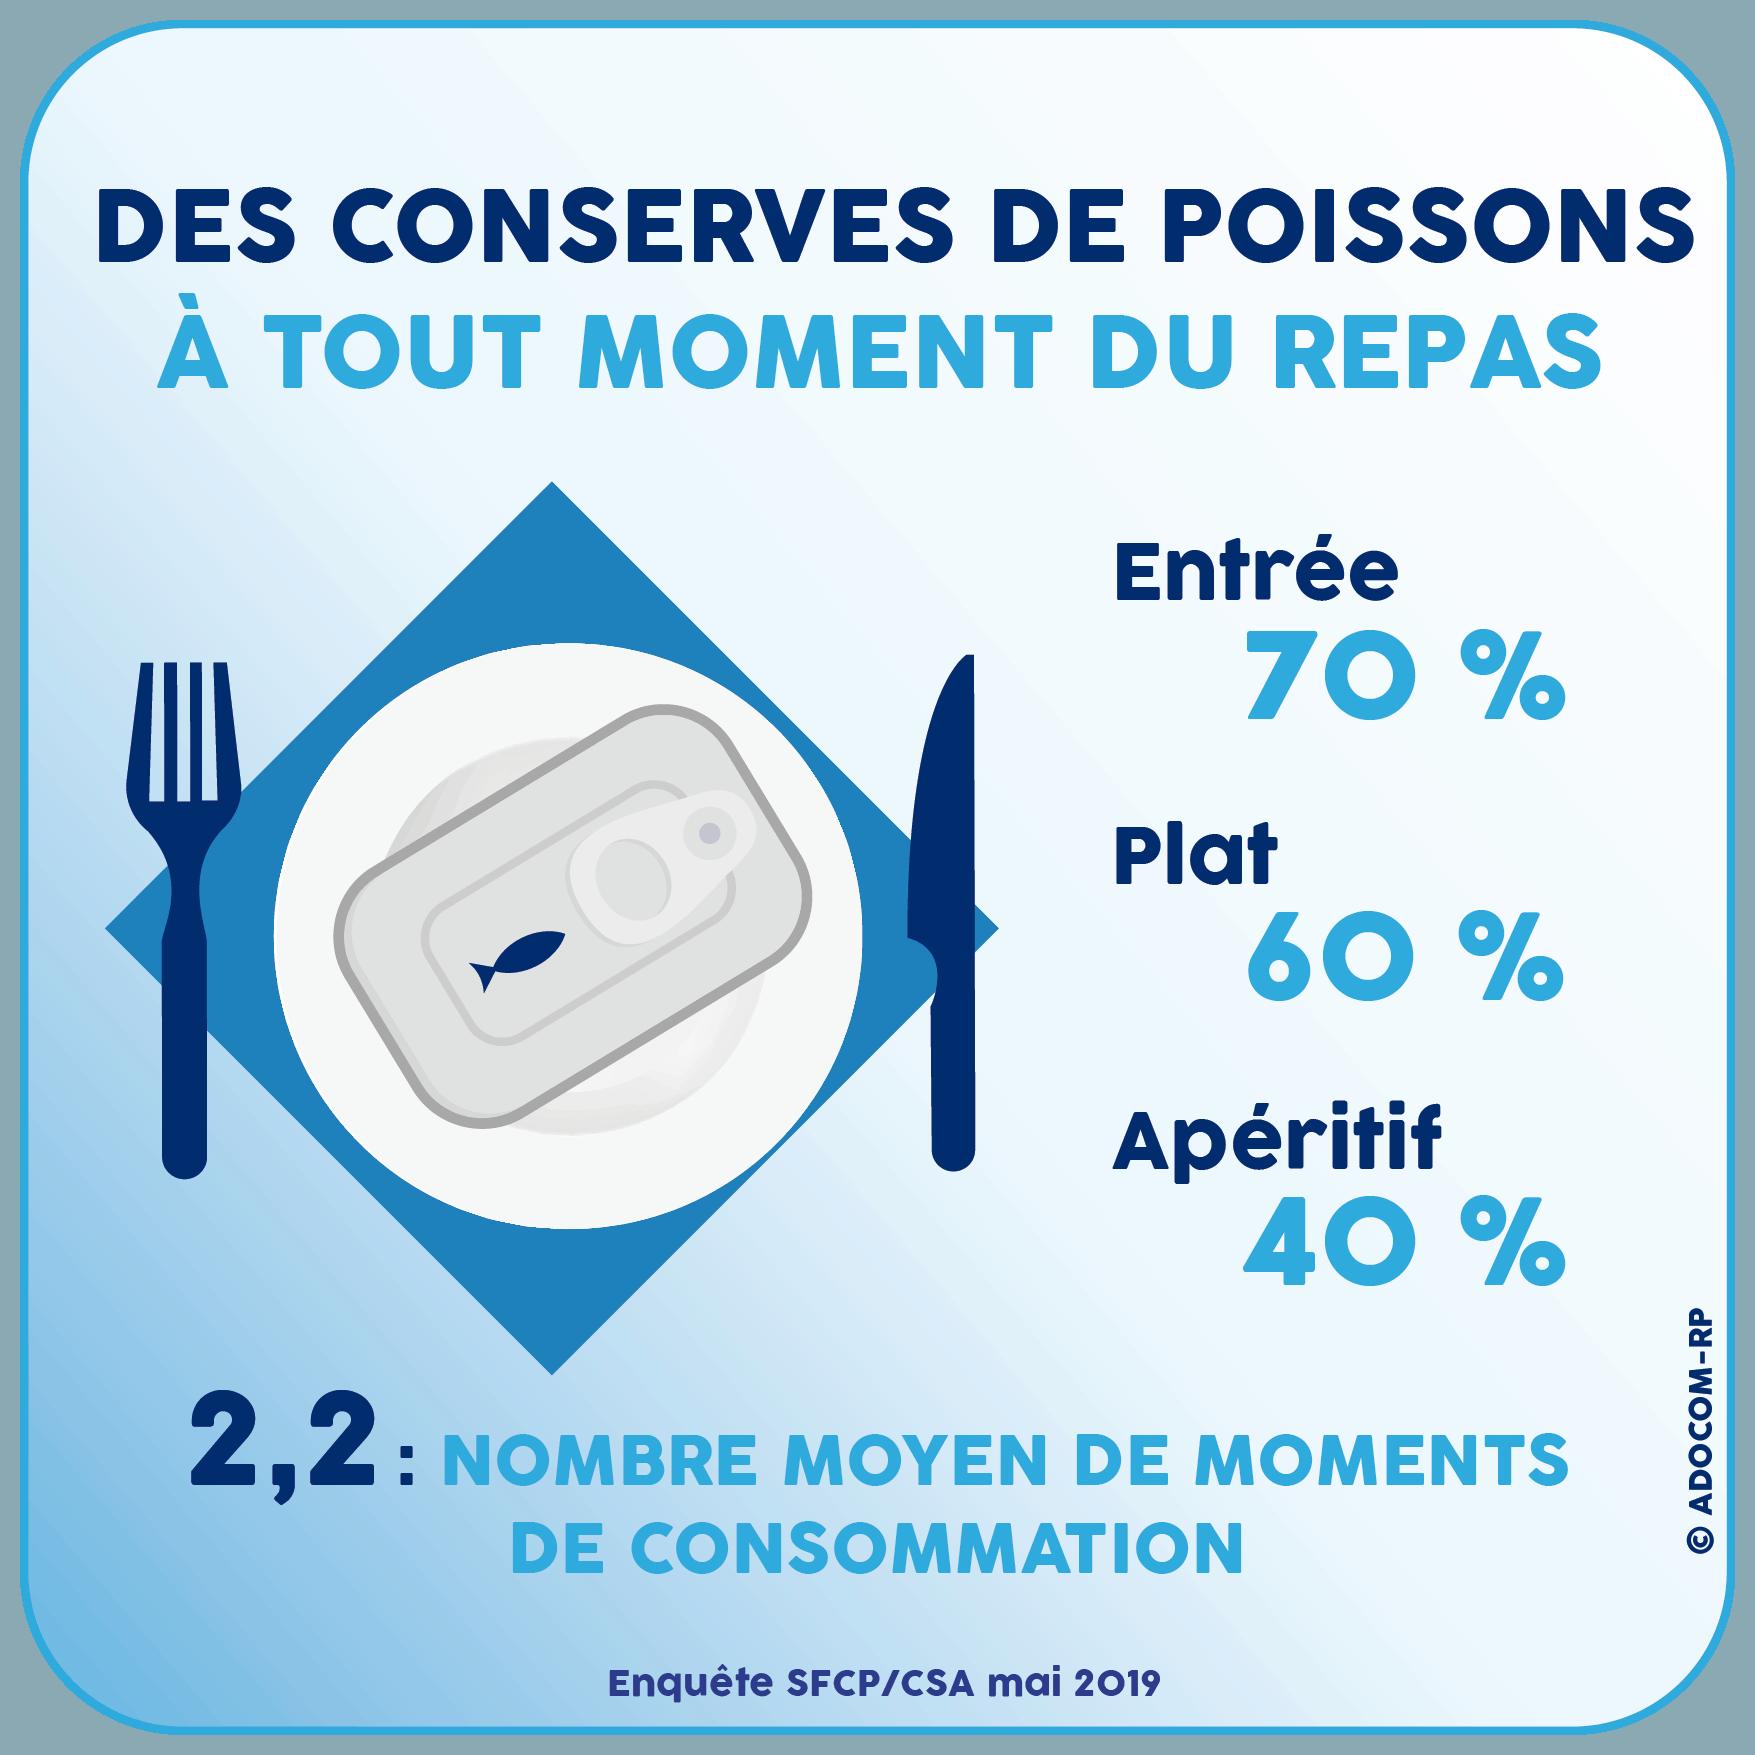 Des conserves de poissons à tout moment du repas - Enquête SFCP/CSA mai 2019 - Adocom-RP